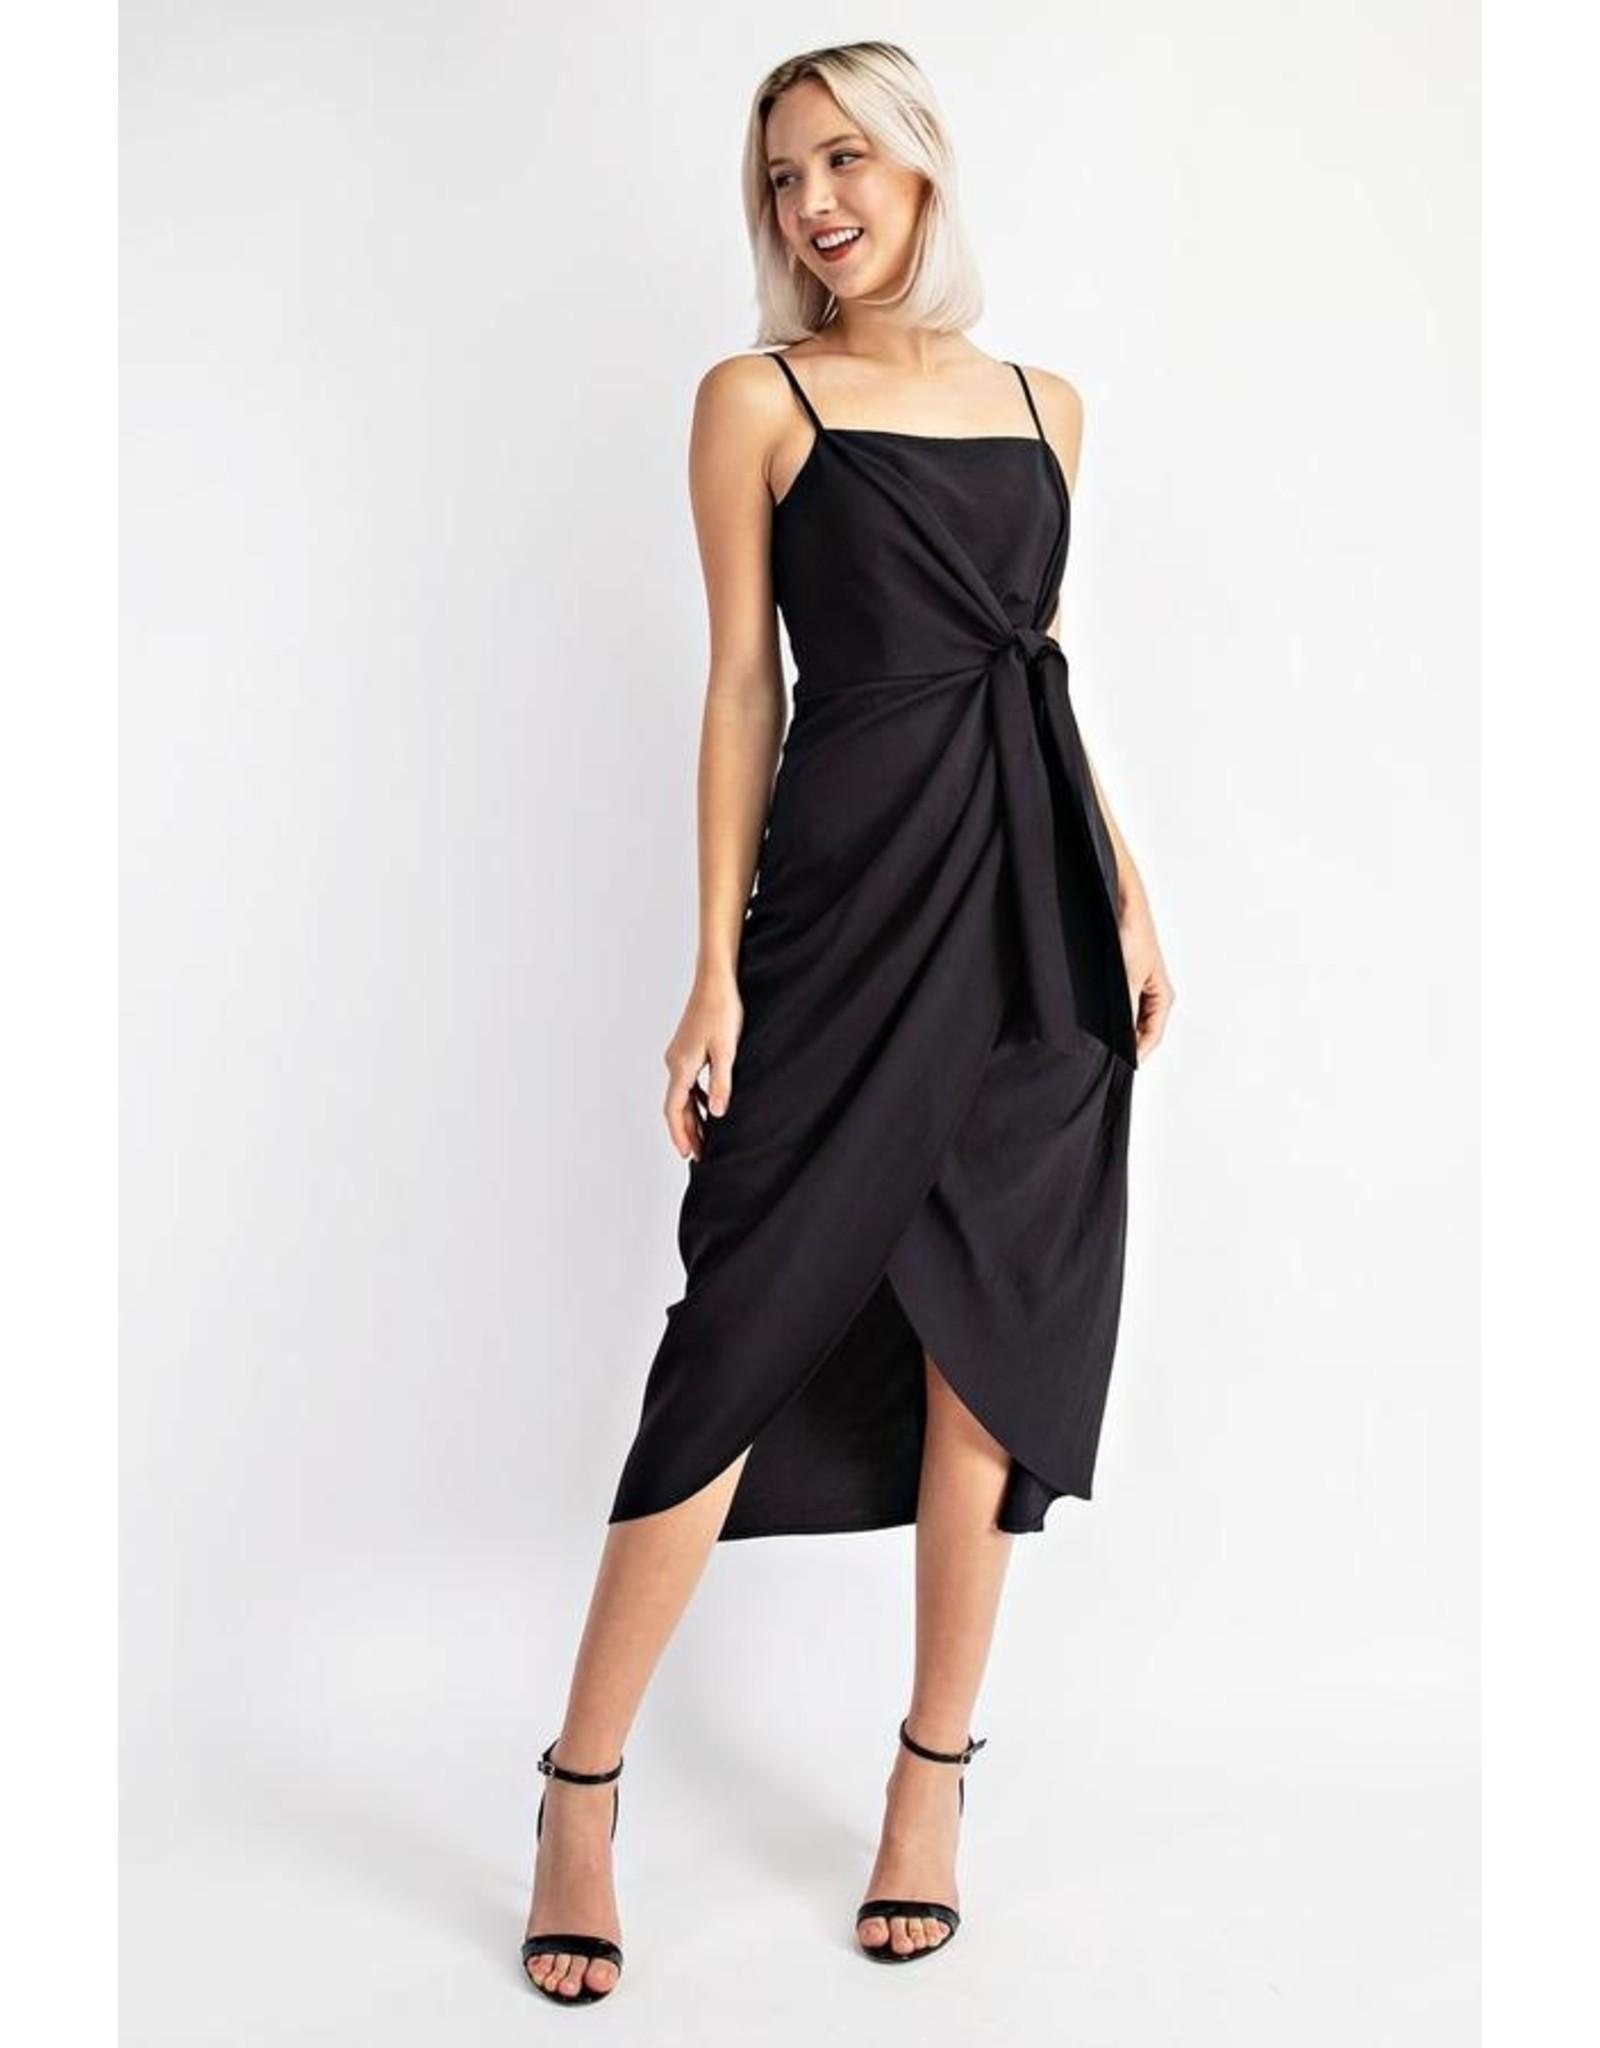 ARAGORN TIE FRONT DRESS